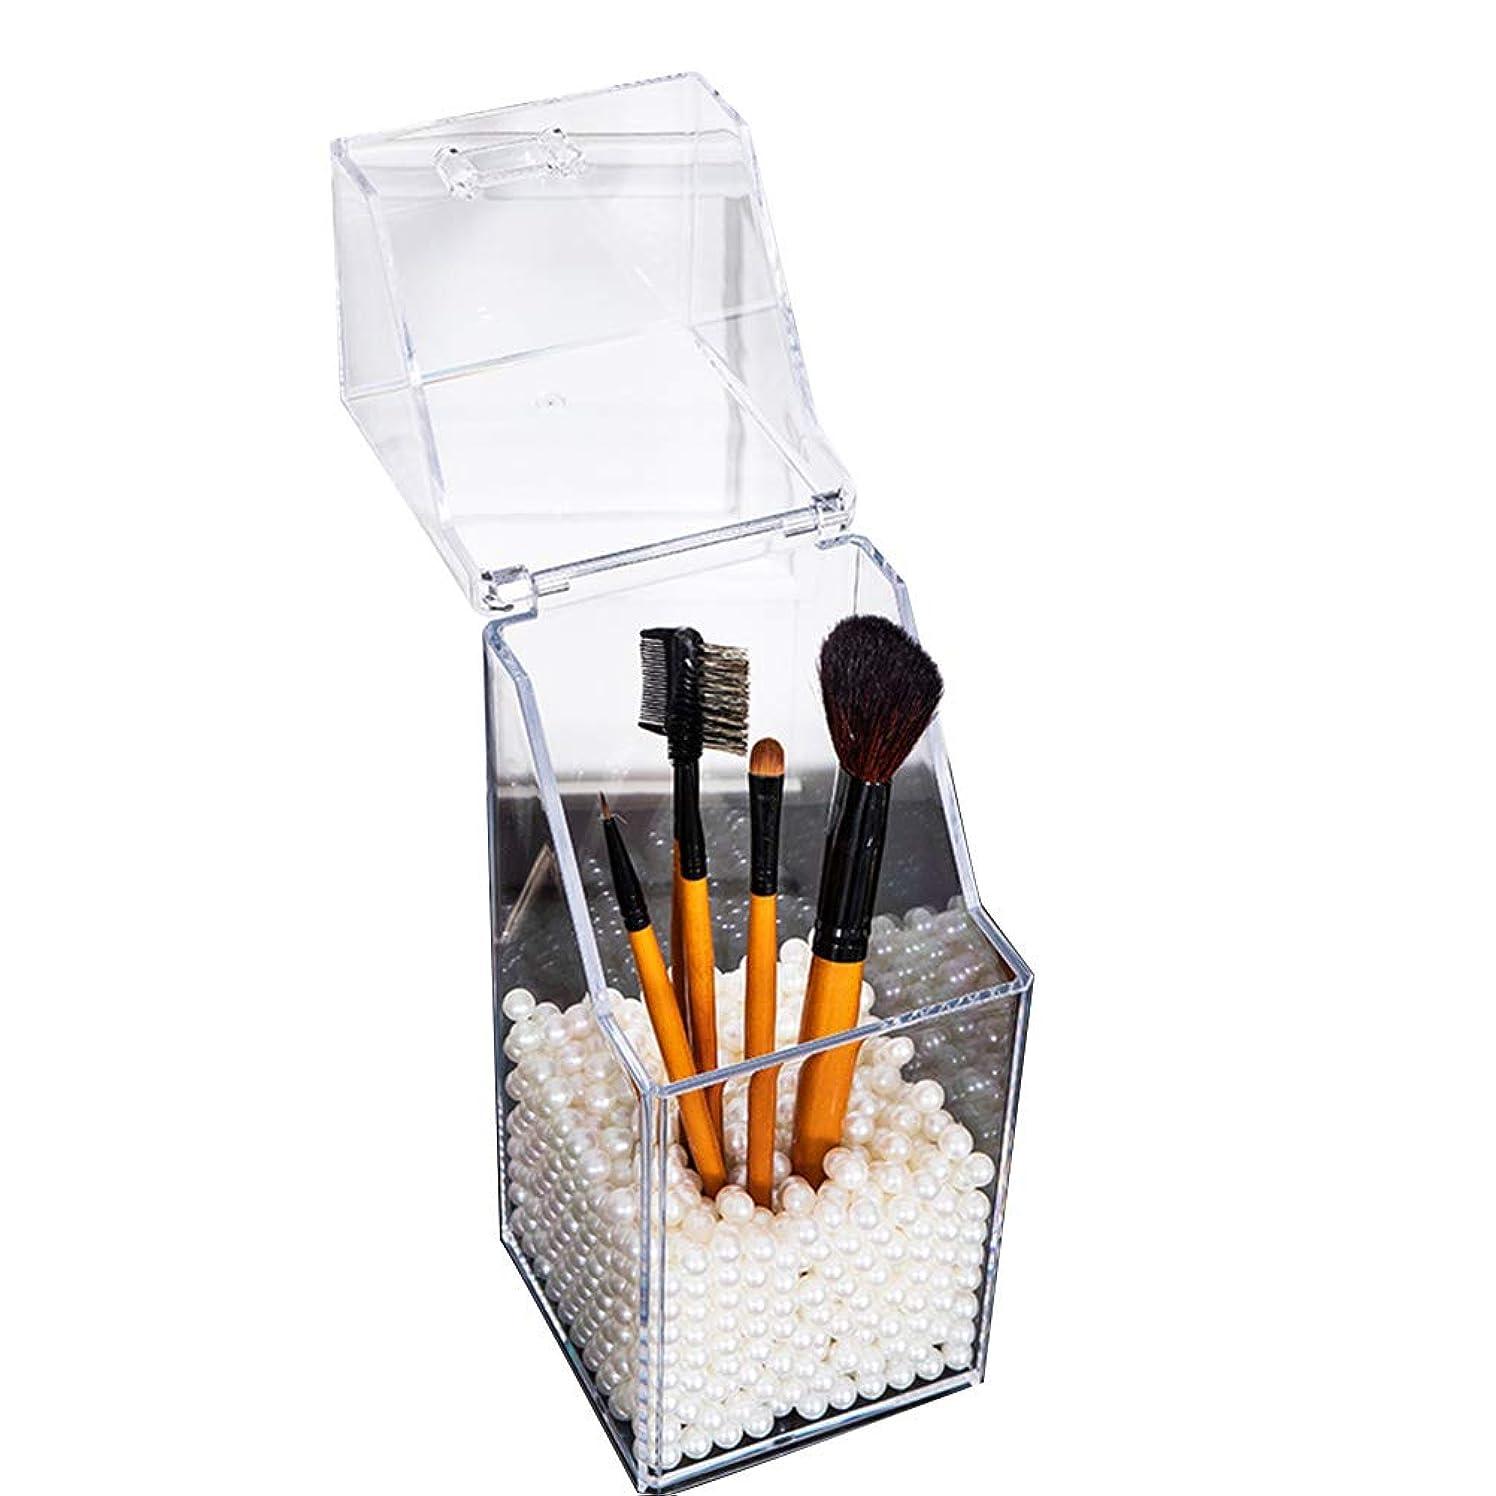 結晶ストライプ熟す[YEMOCILE] メイクボックス レディース ふた付き メイクブラシ 化粧品入れ 収納 透明 引き出し小物 アクリル製 真珠 高品質 ホワイト